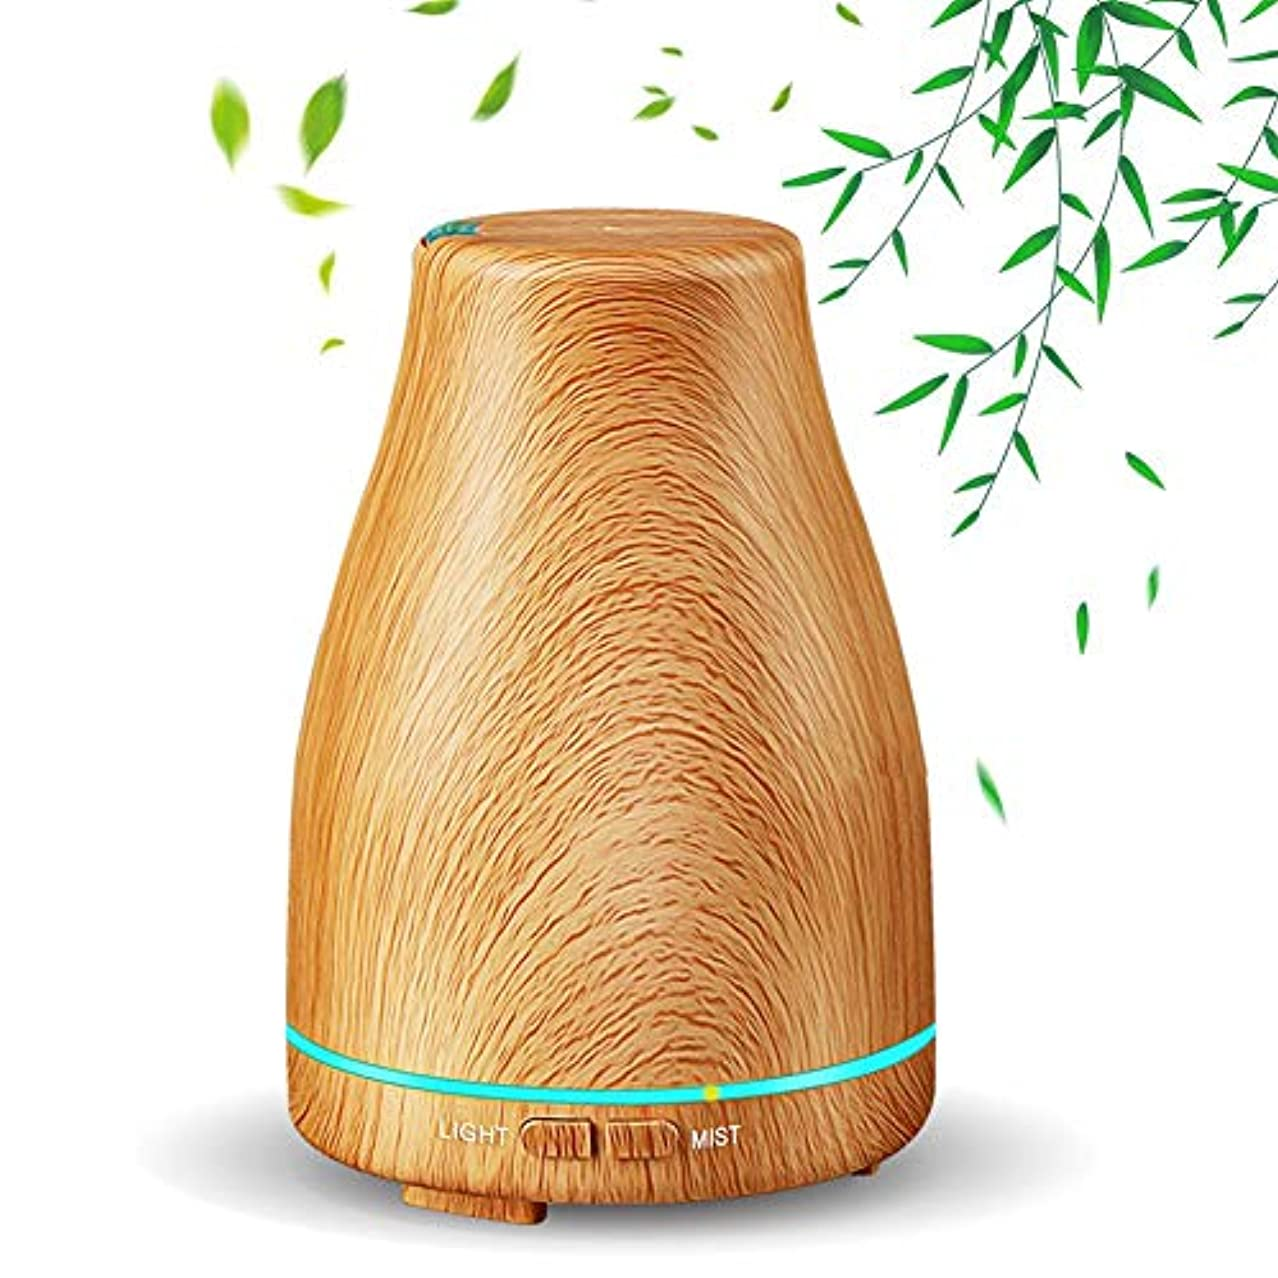 どれかスイングクラッチ130ミリリットルミニエッセンシャルオイルディフューザー、木目超音波アロマセラピーフレグランスオイルディフューザー蒸発器加湿器、水なし自動閉鎖、7色フレグランスランプ、ホームオフィス用,Lightwoodgrain